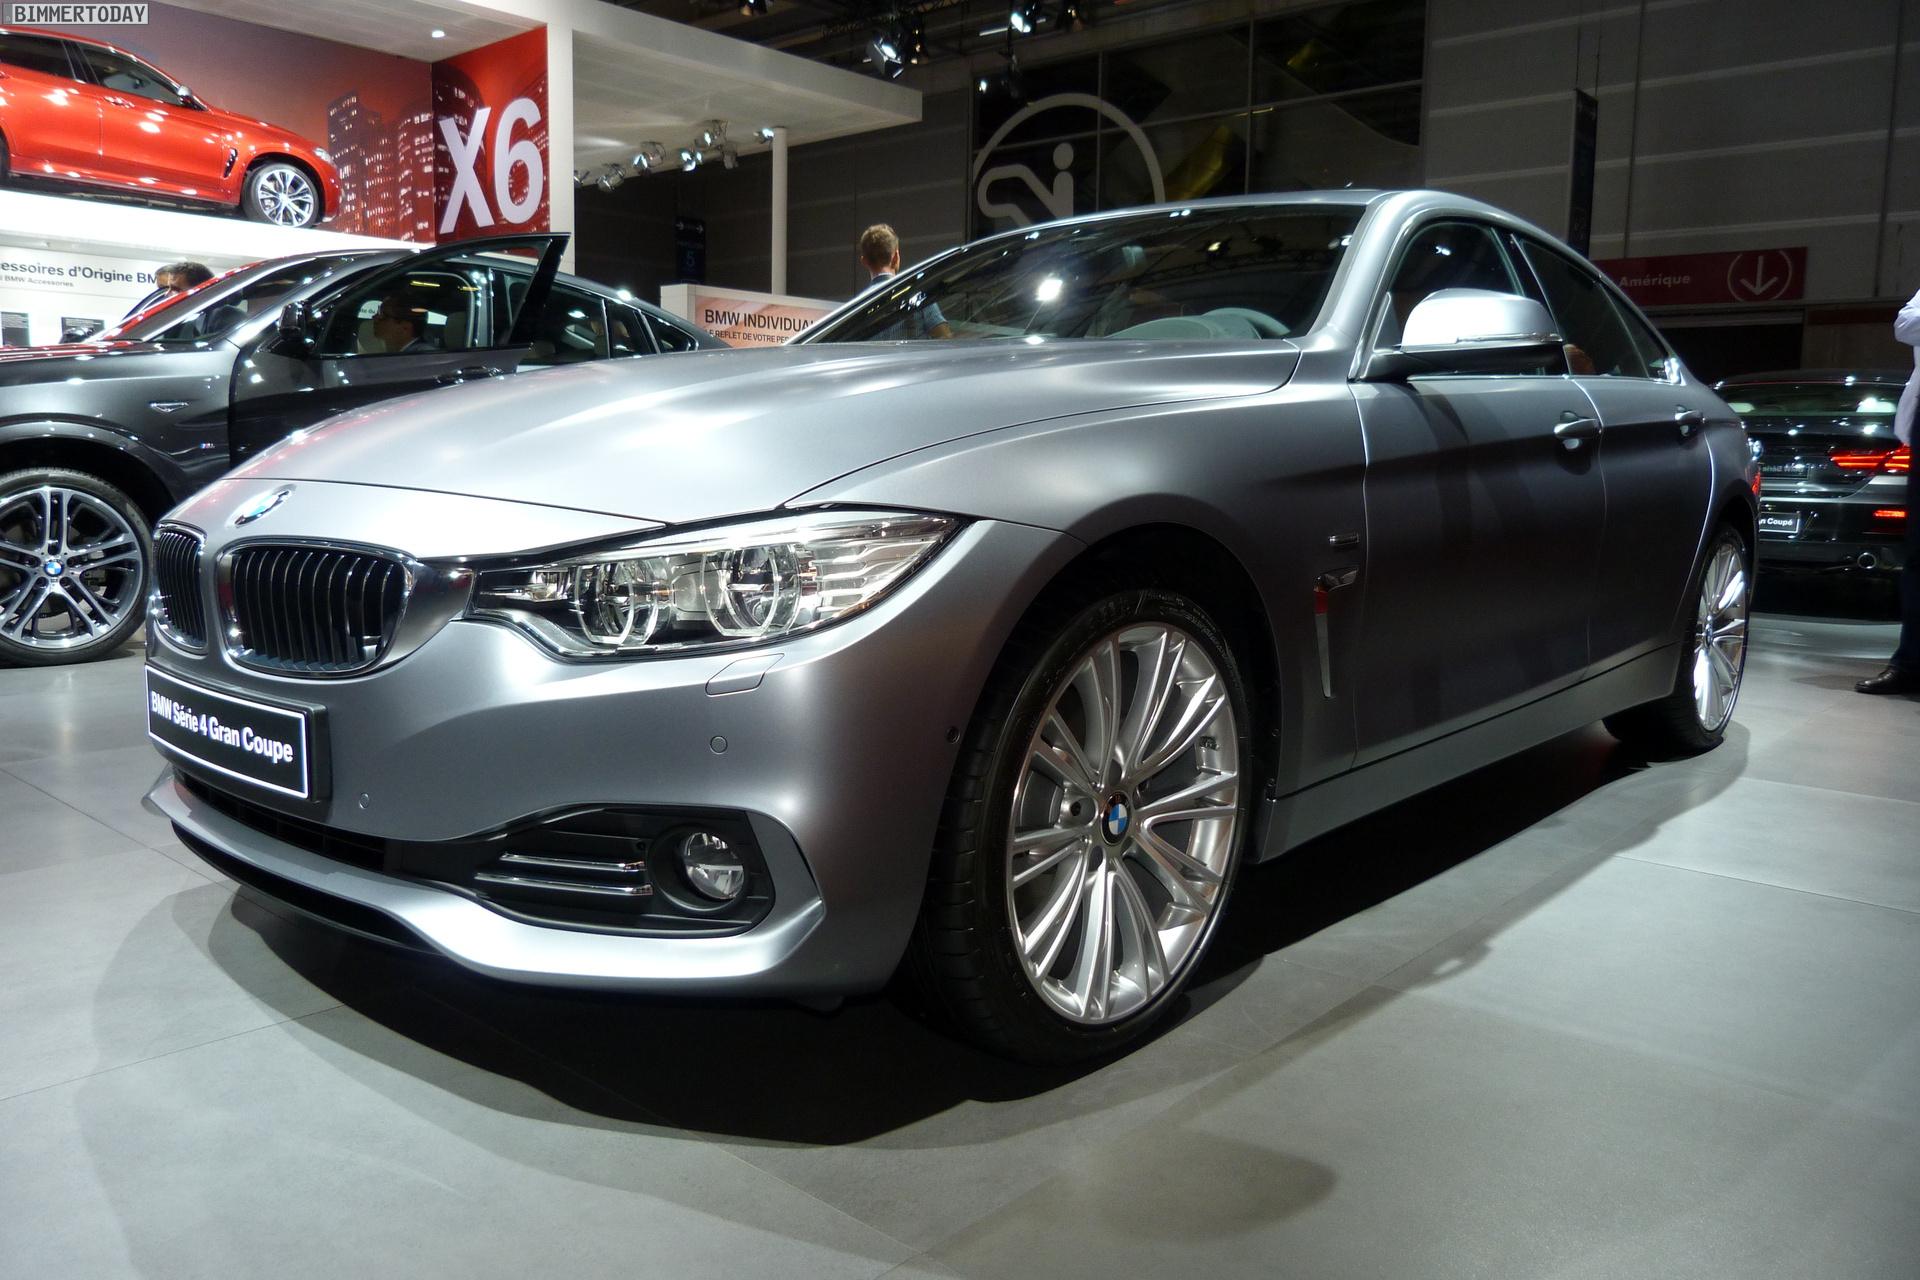 BMW M6 Gran Coupe >> BMW 4er Gran Coupé: Frozen Cashmere Silver in Paris 2014